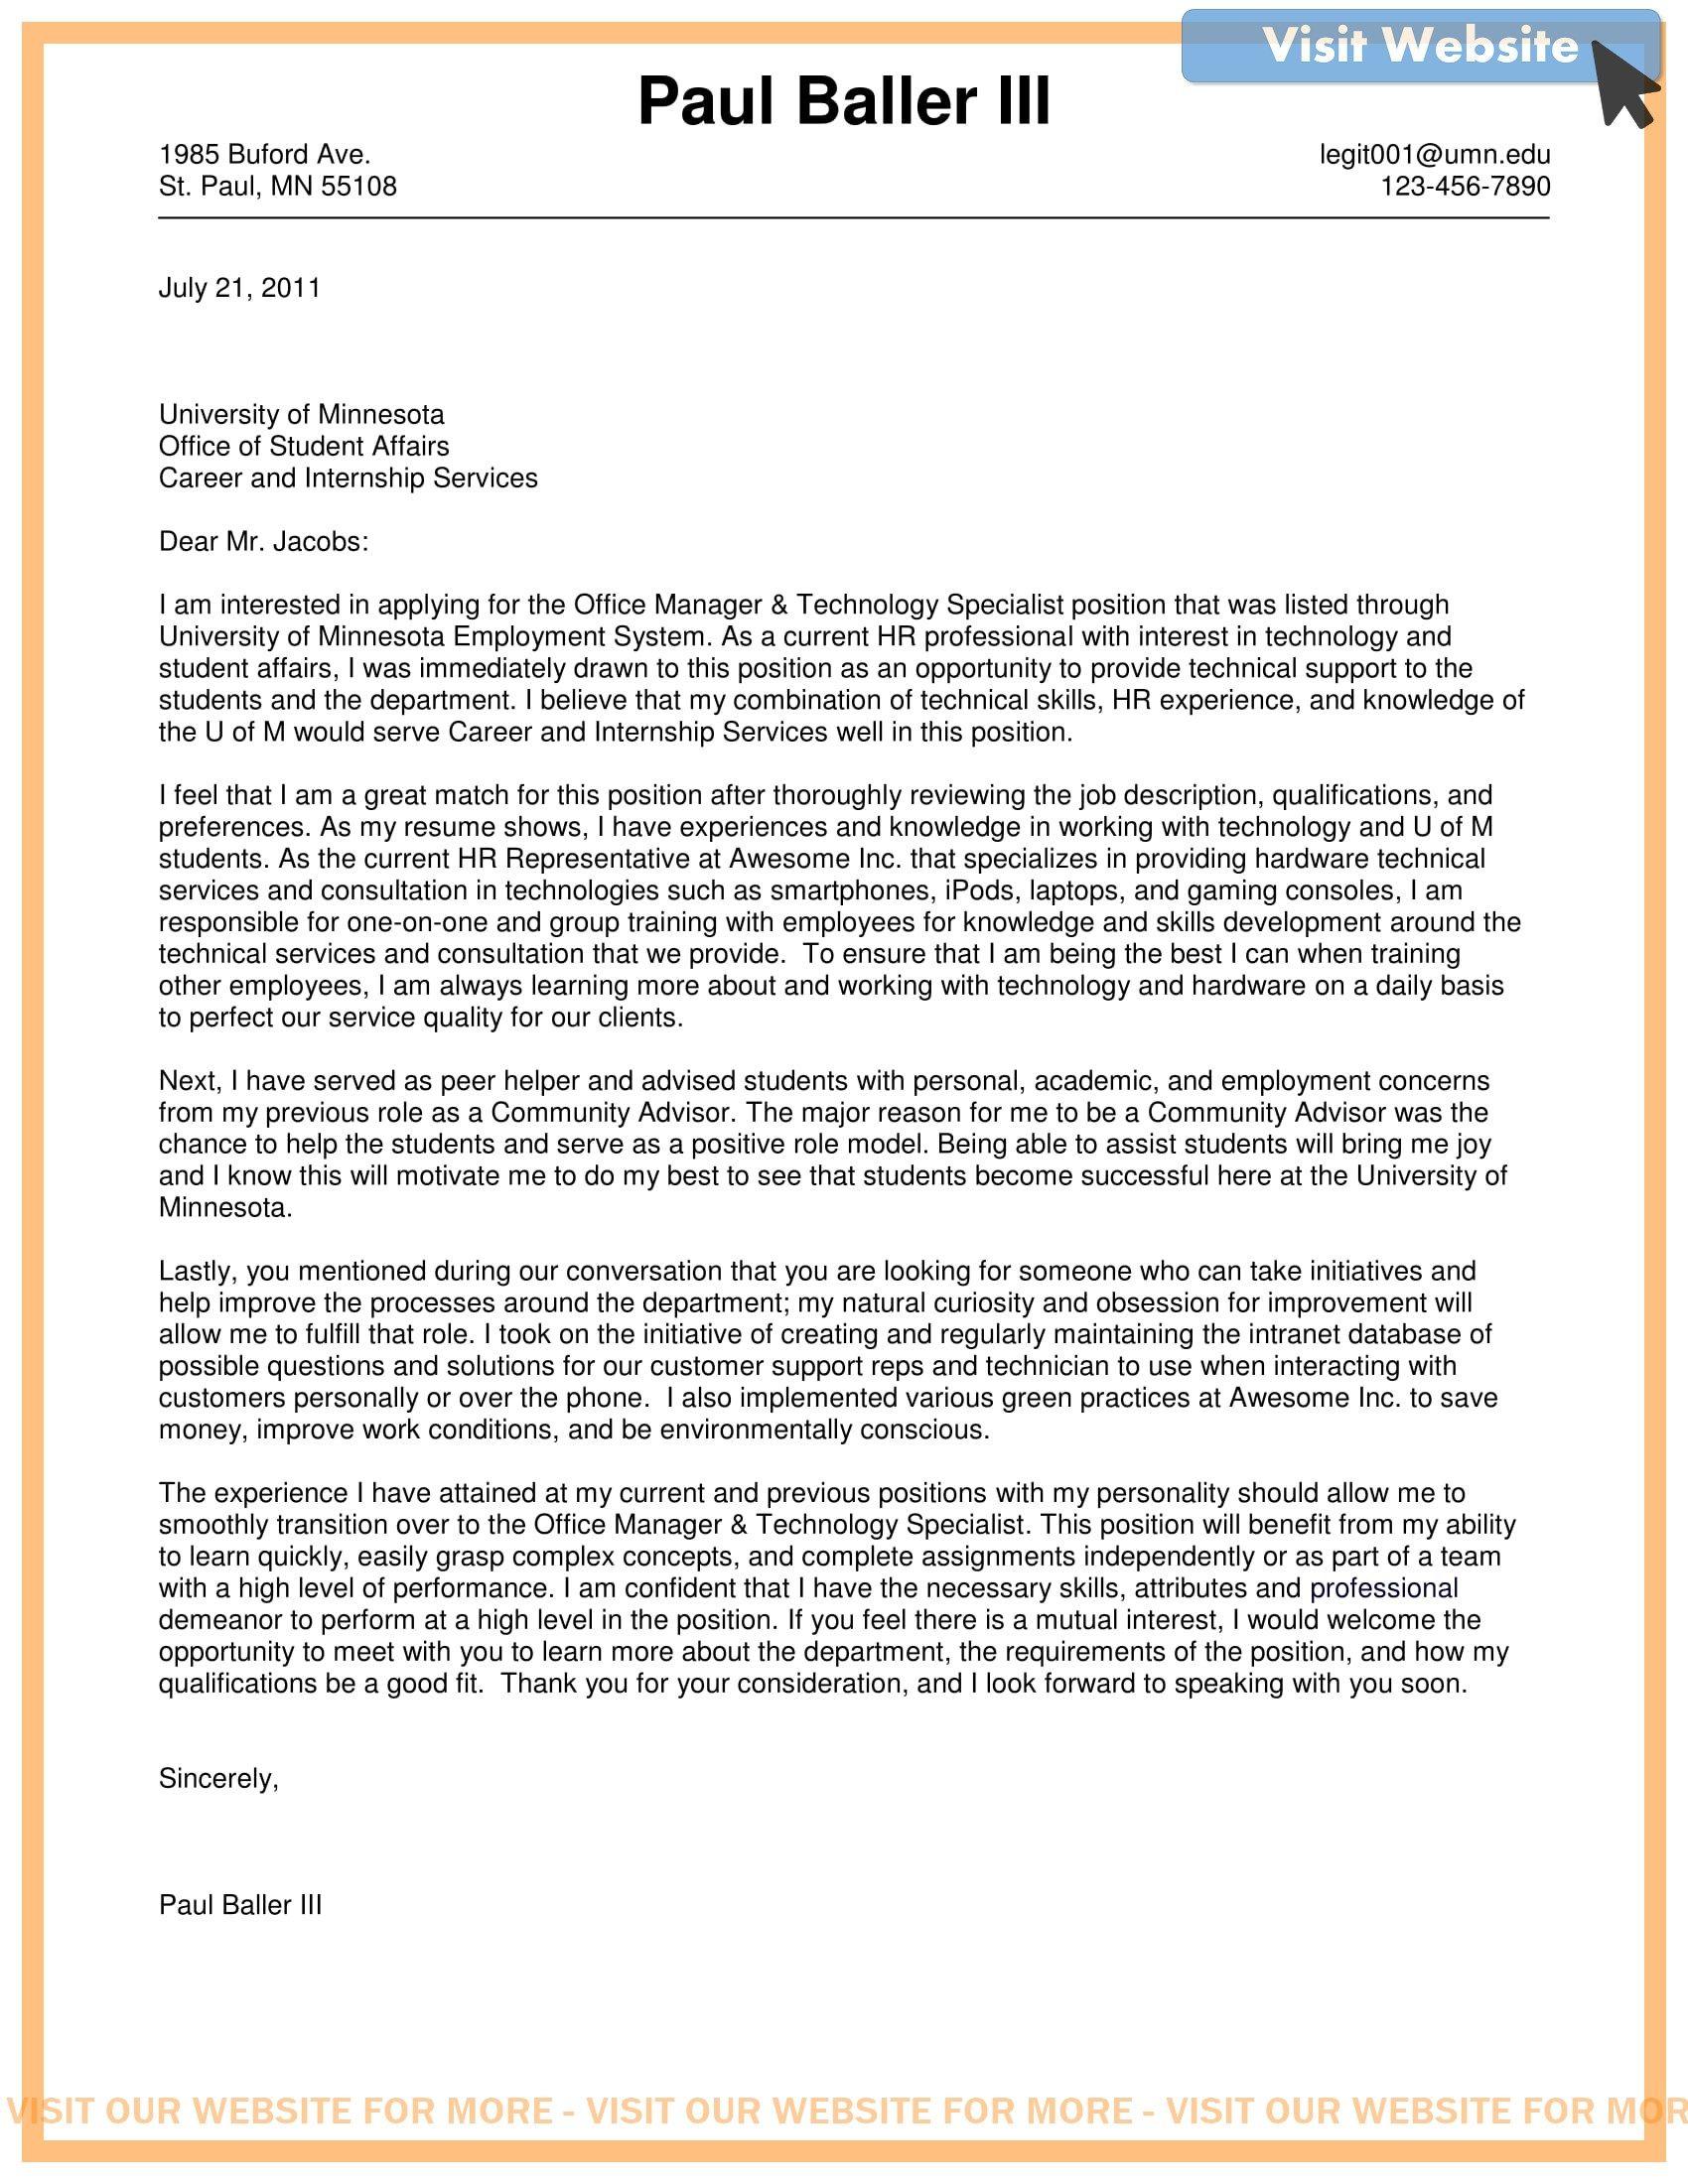 sample cover letter for mba program in 2020 Cover letter